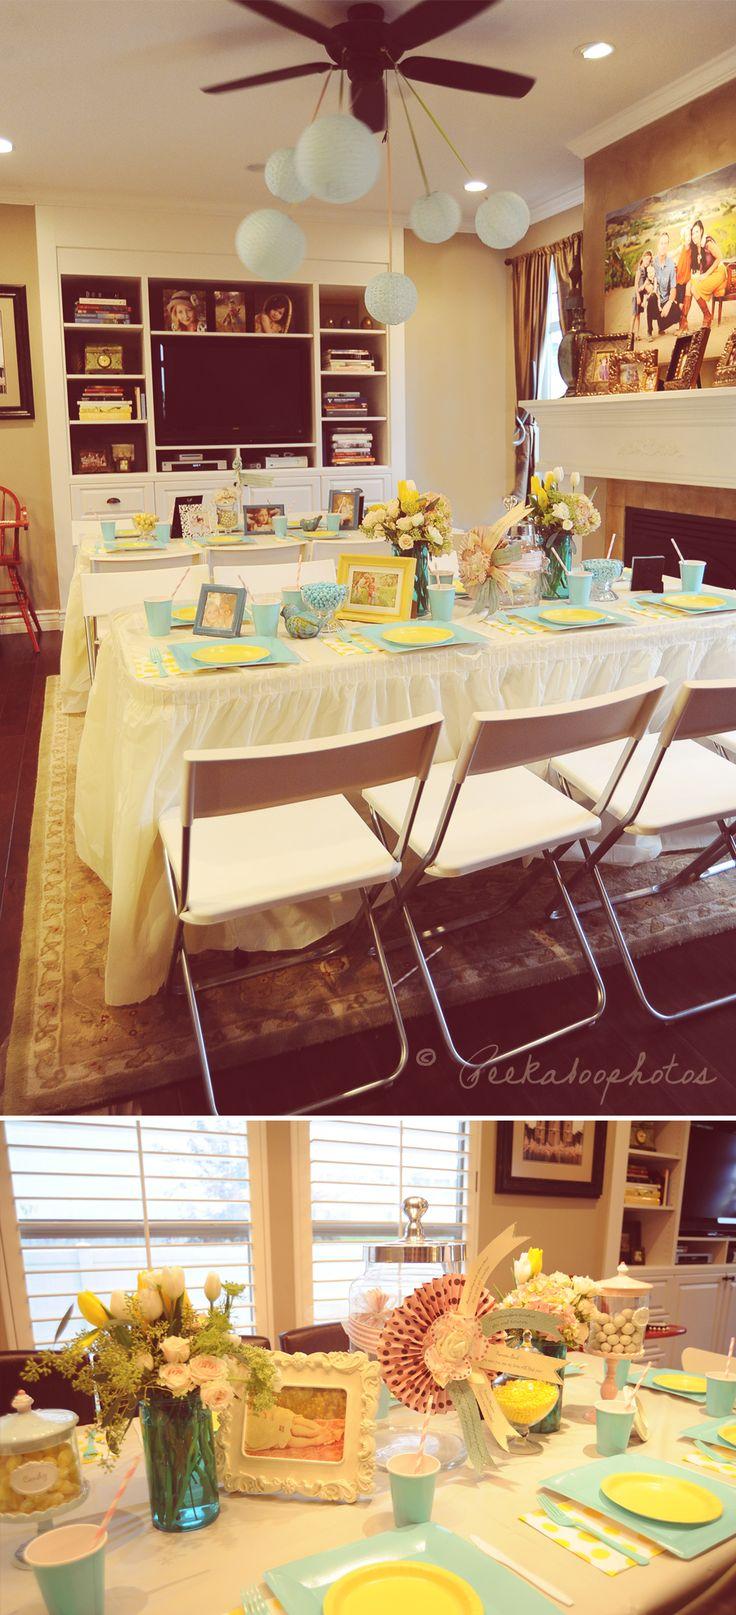 Peekaboophotos.com  Very cool house/party setup.